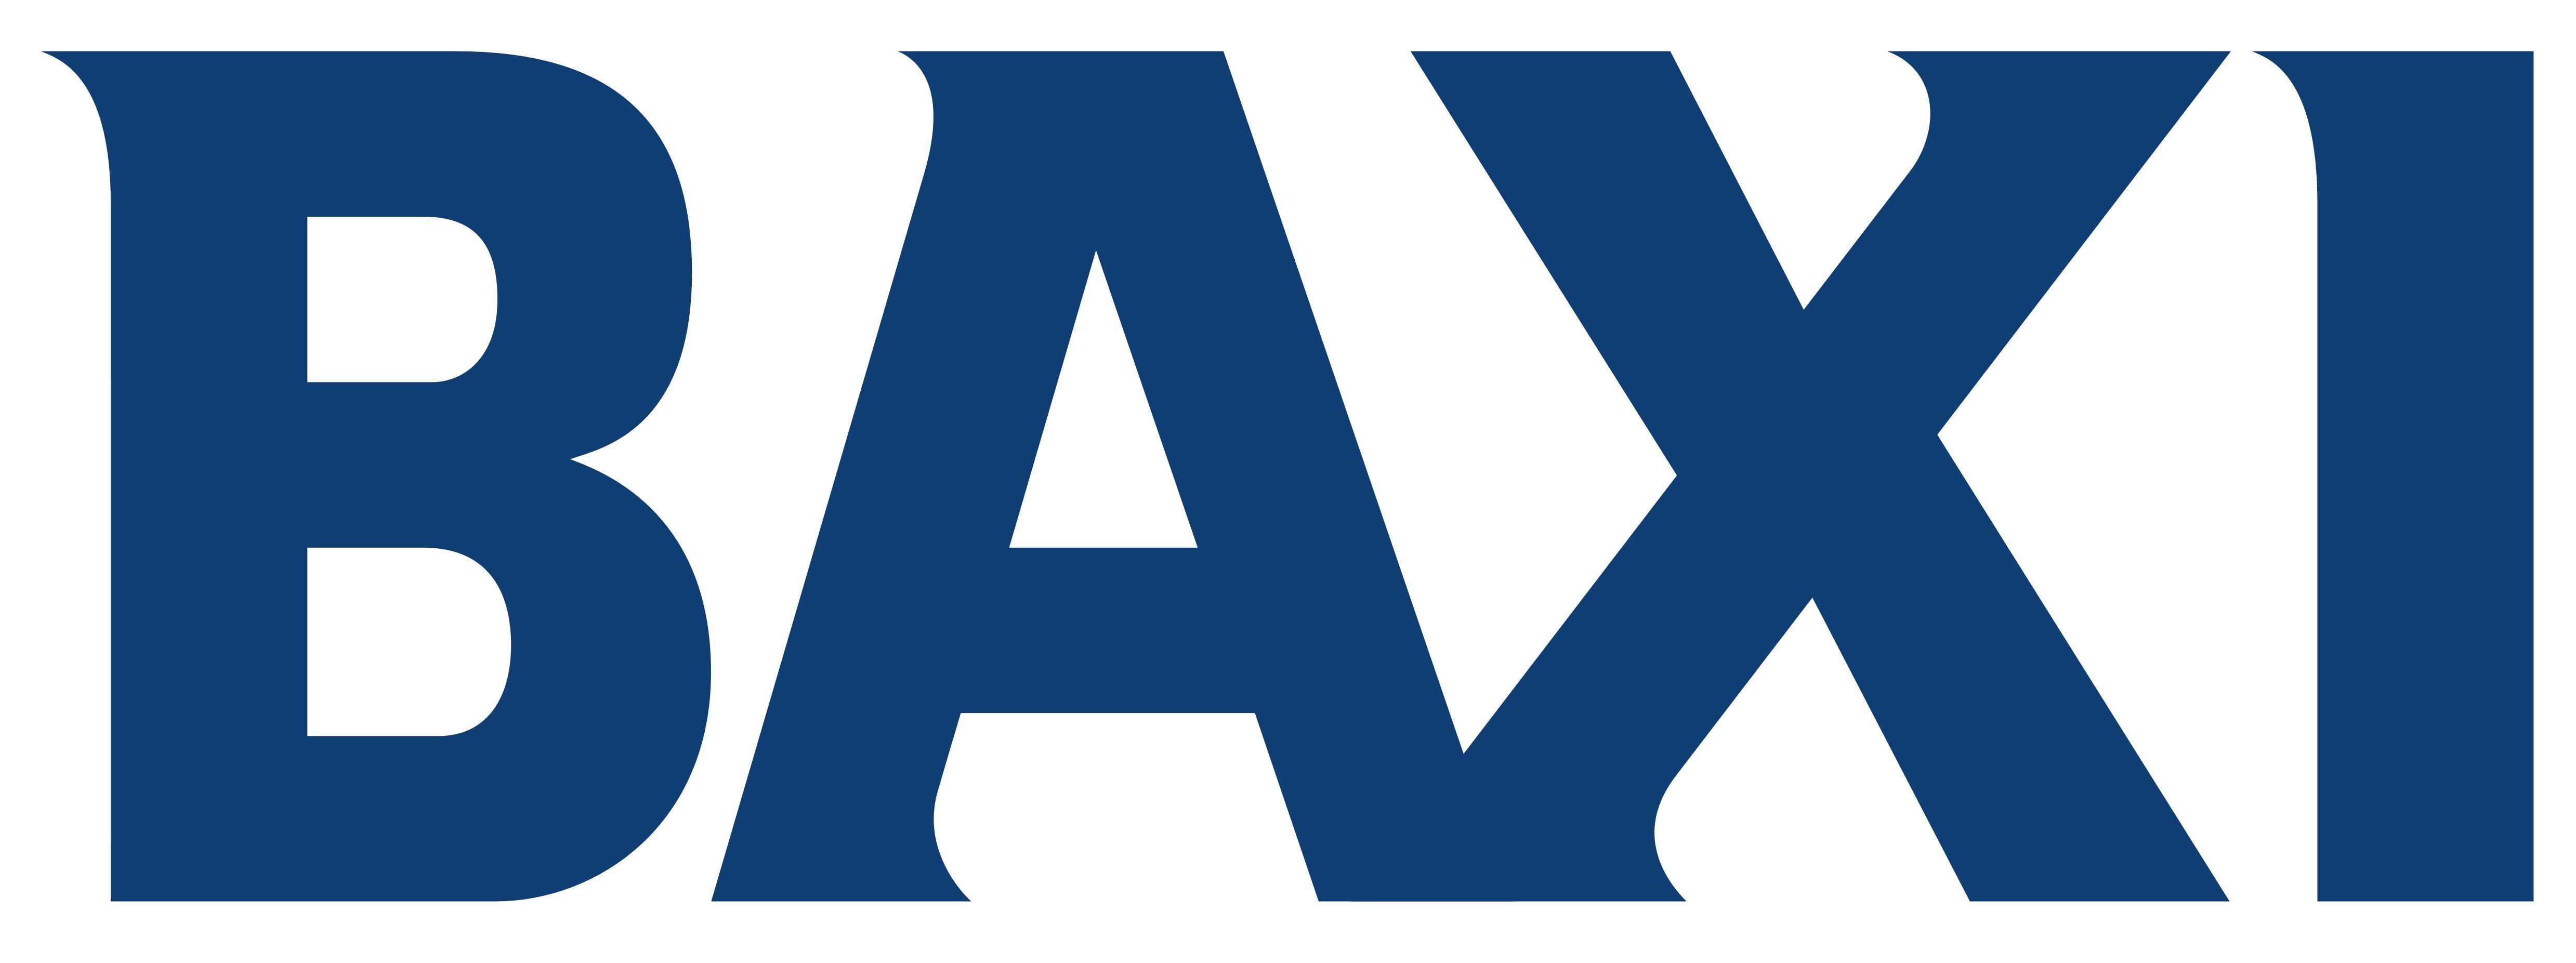 BAXI производитель, ,бакси, купить котел газовый BAXI Dalexa.ru